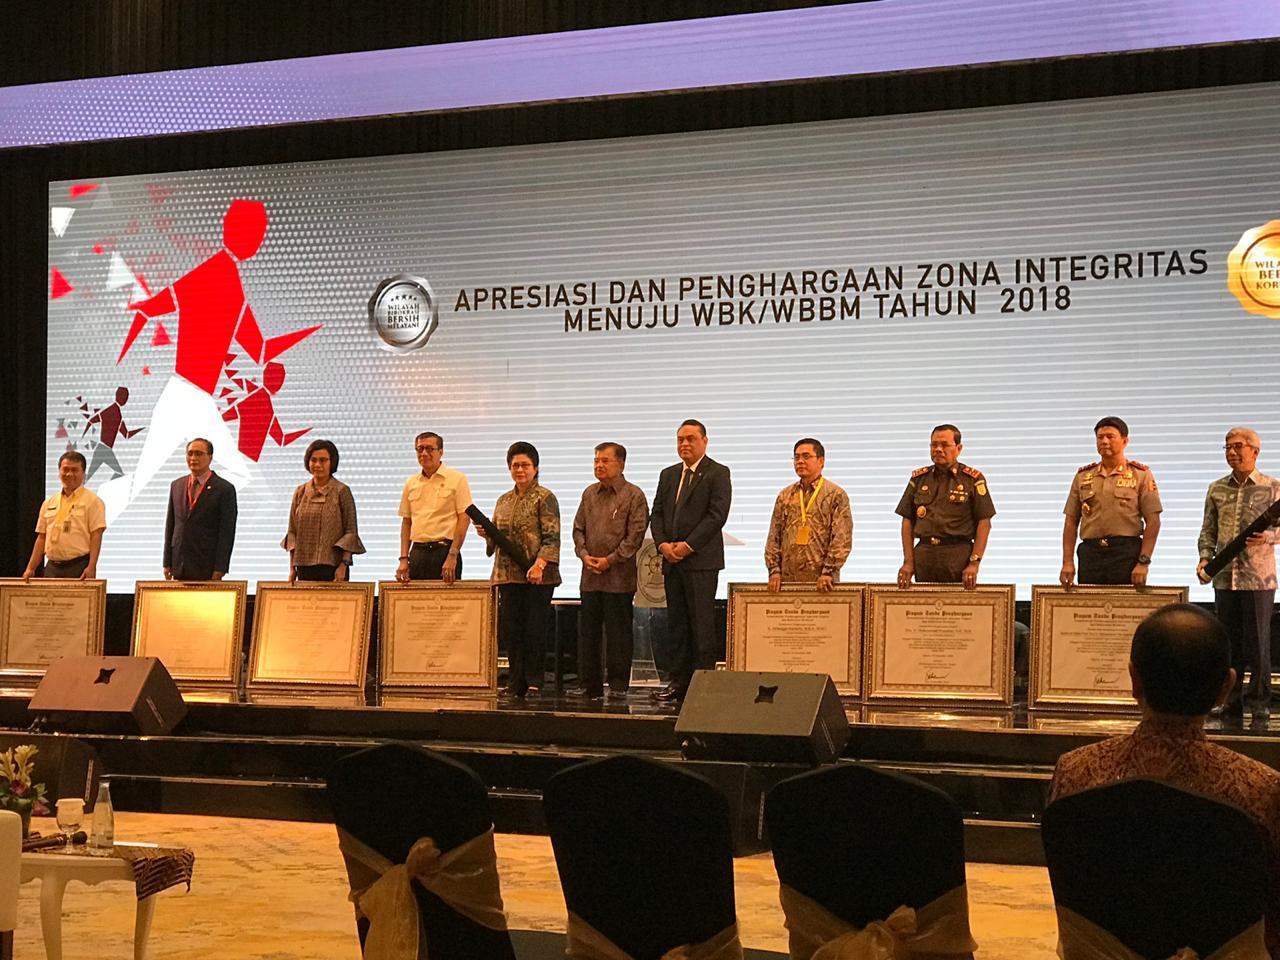 Menerima Penghargaan Zona Integritas Menuju Wilayah Bebas dari Korupsi (WBK) & Wilayah Birokrasi Bersih Melayani (WBBM) Tahun 2018 dari Wakil Presiden Jusuf Kalla.